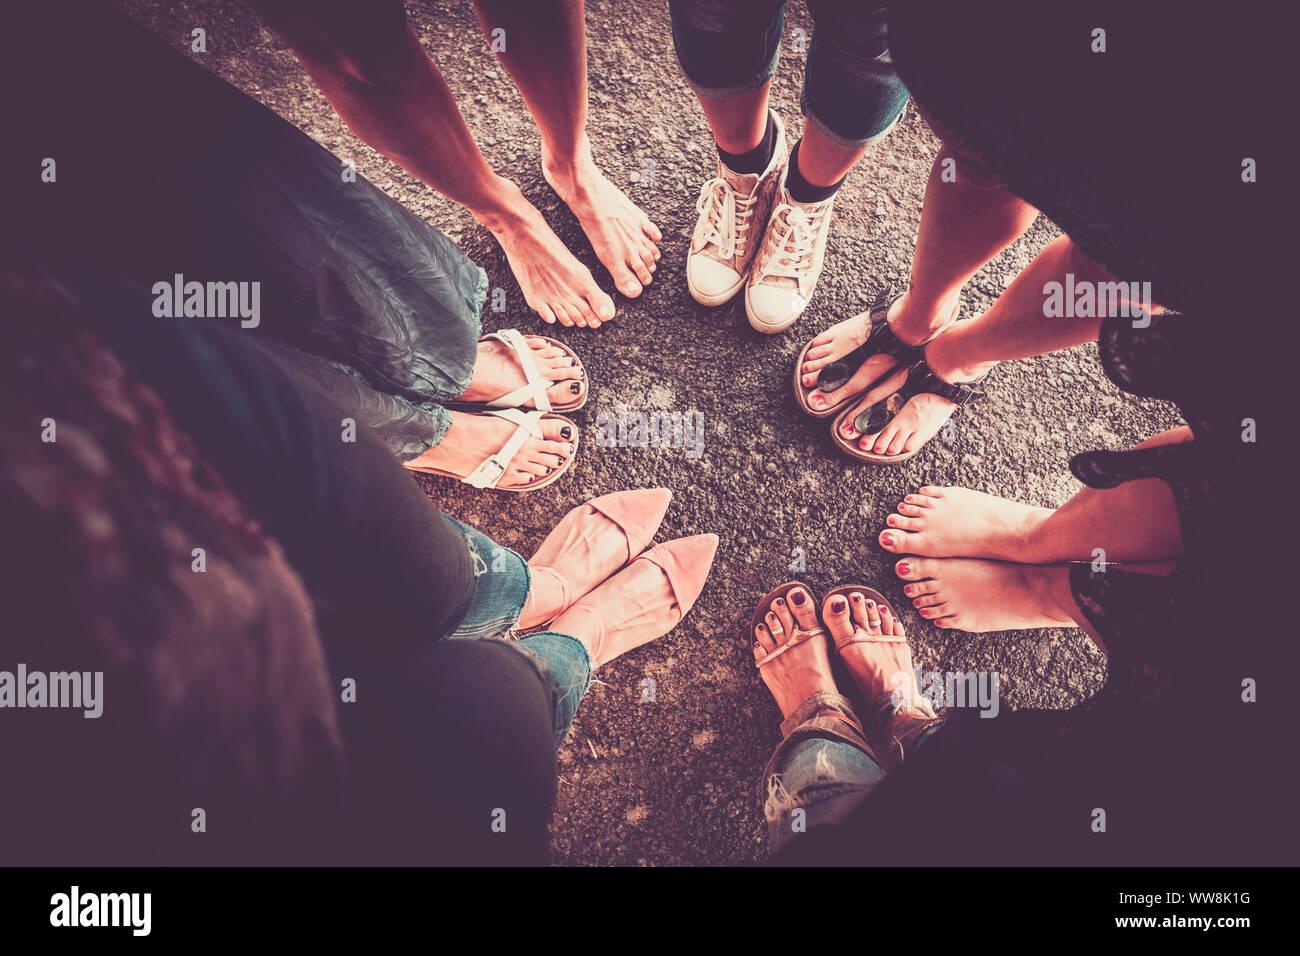 Gruppo di donna da alto punto di vista con sette coppie di piedi con le scarpe e a piedi nudi senza. caucasian cari in estate. colori vintage e vignettatura e ombra Foto Stock